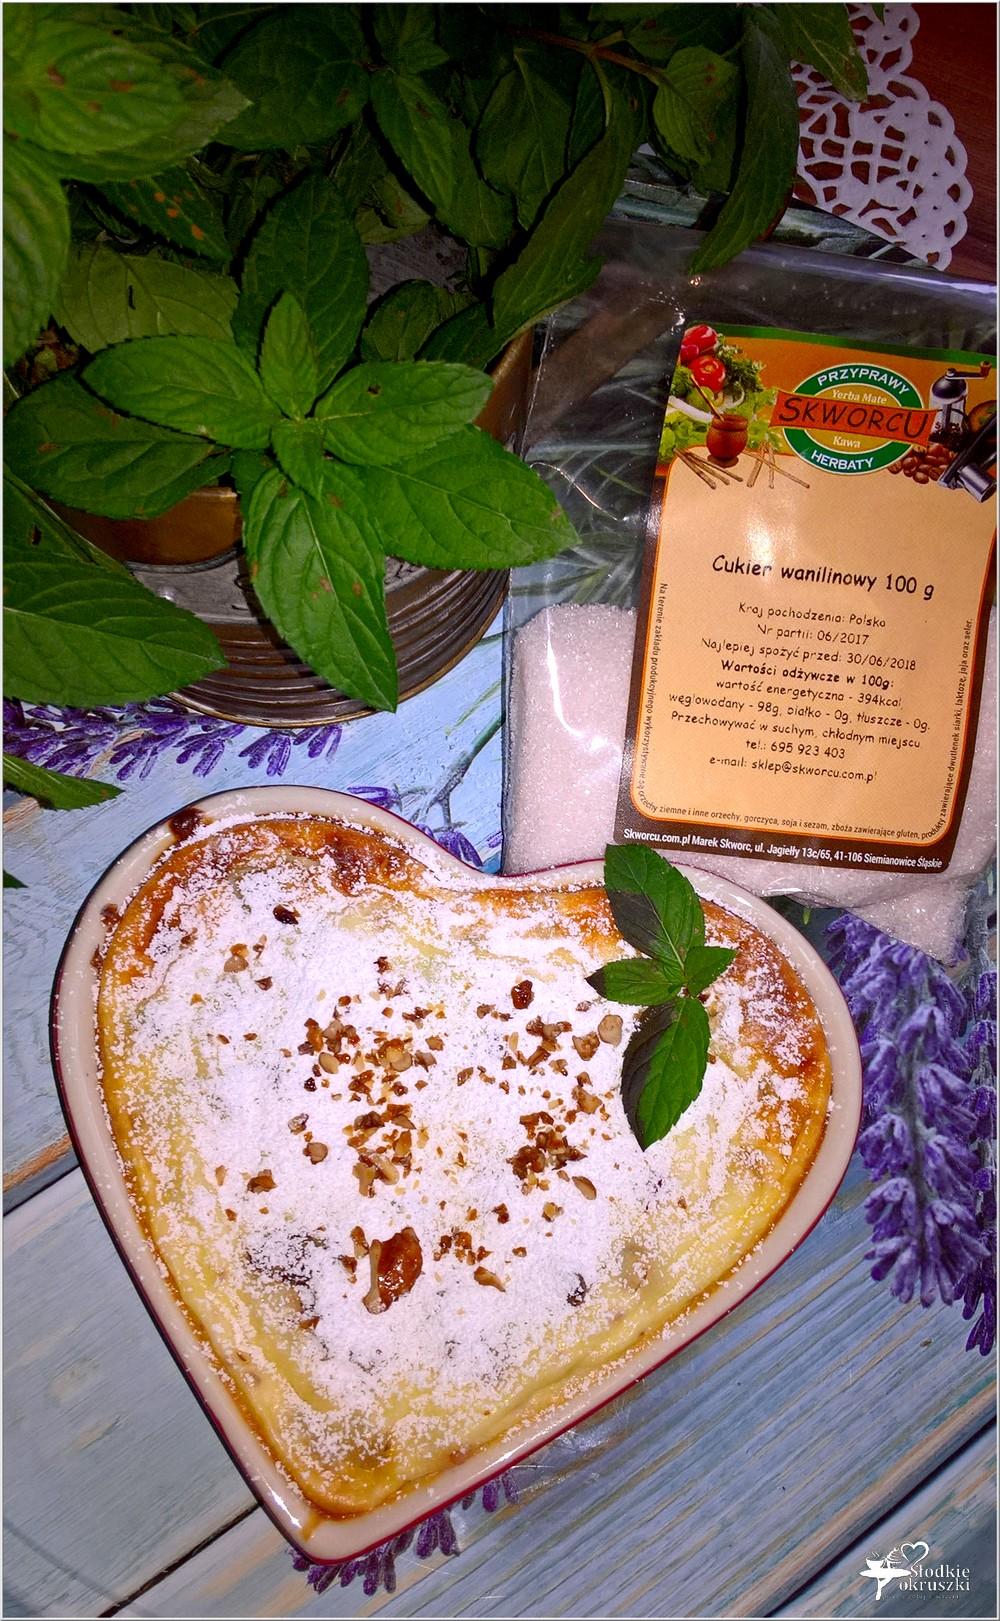 Pieczony serniczek z orzechami włoskimi i kandyzowaną skórką (7)